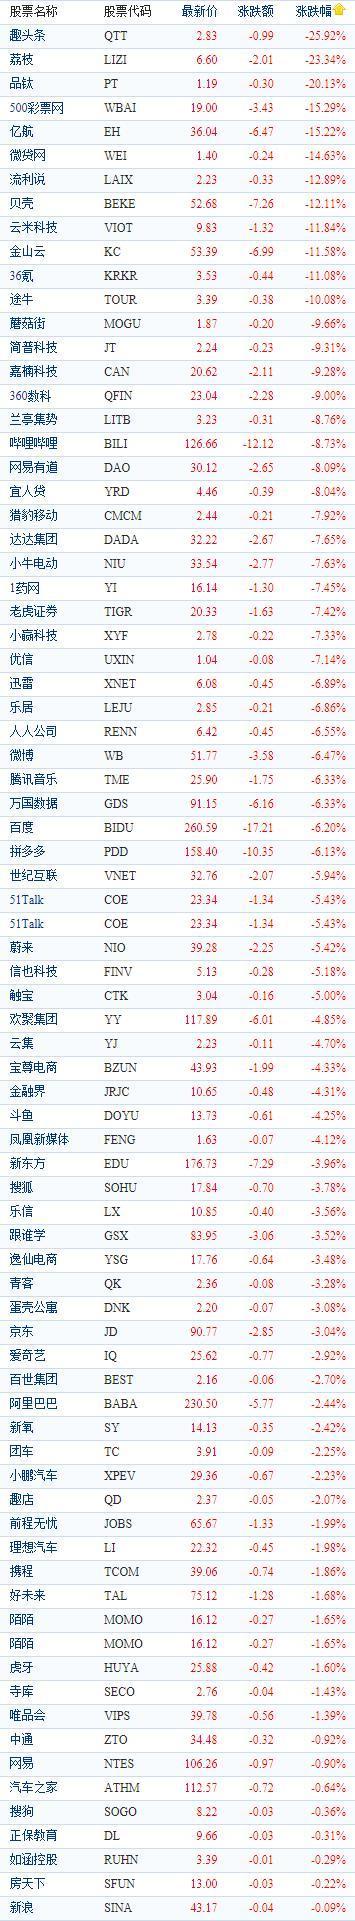 中国概念股周四收盘全线收跌 亿航下跌15.22%报收36.04美元